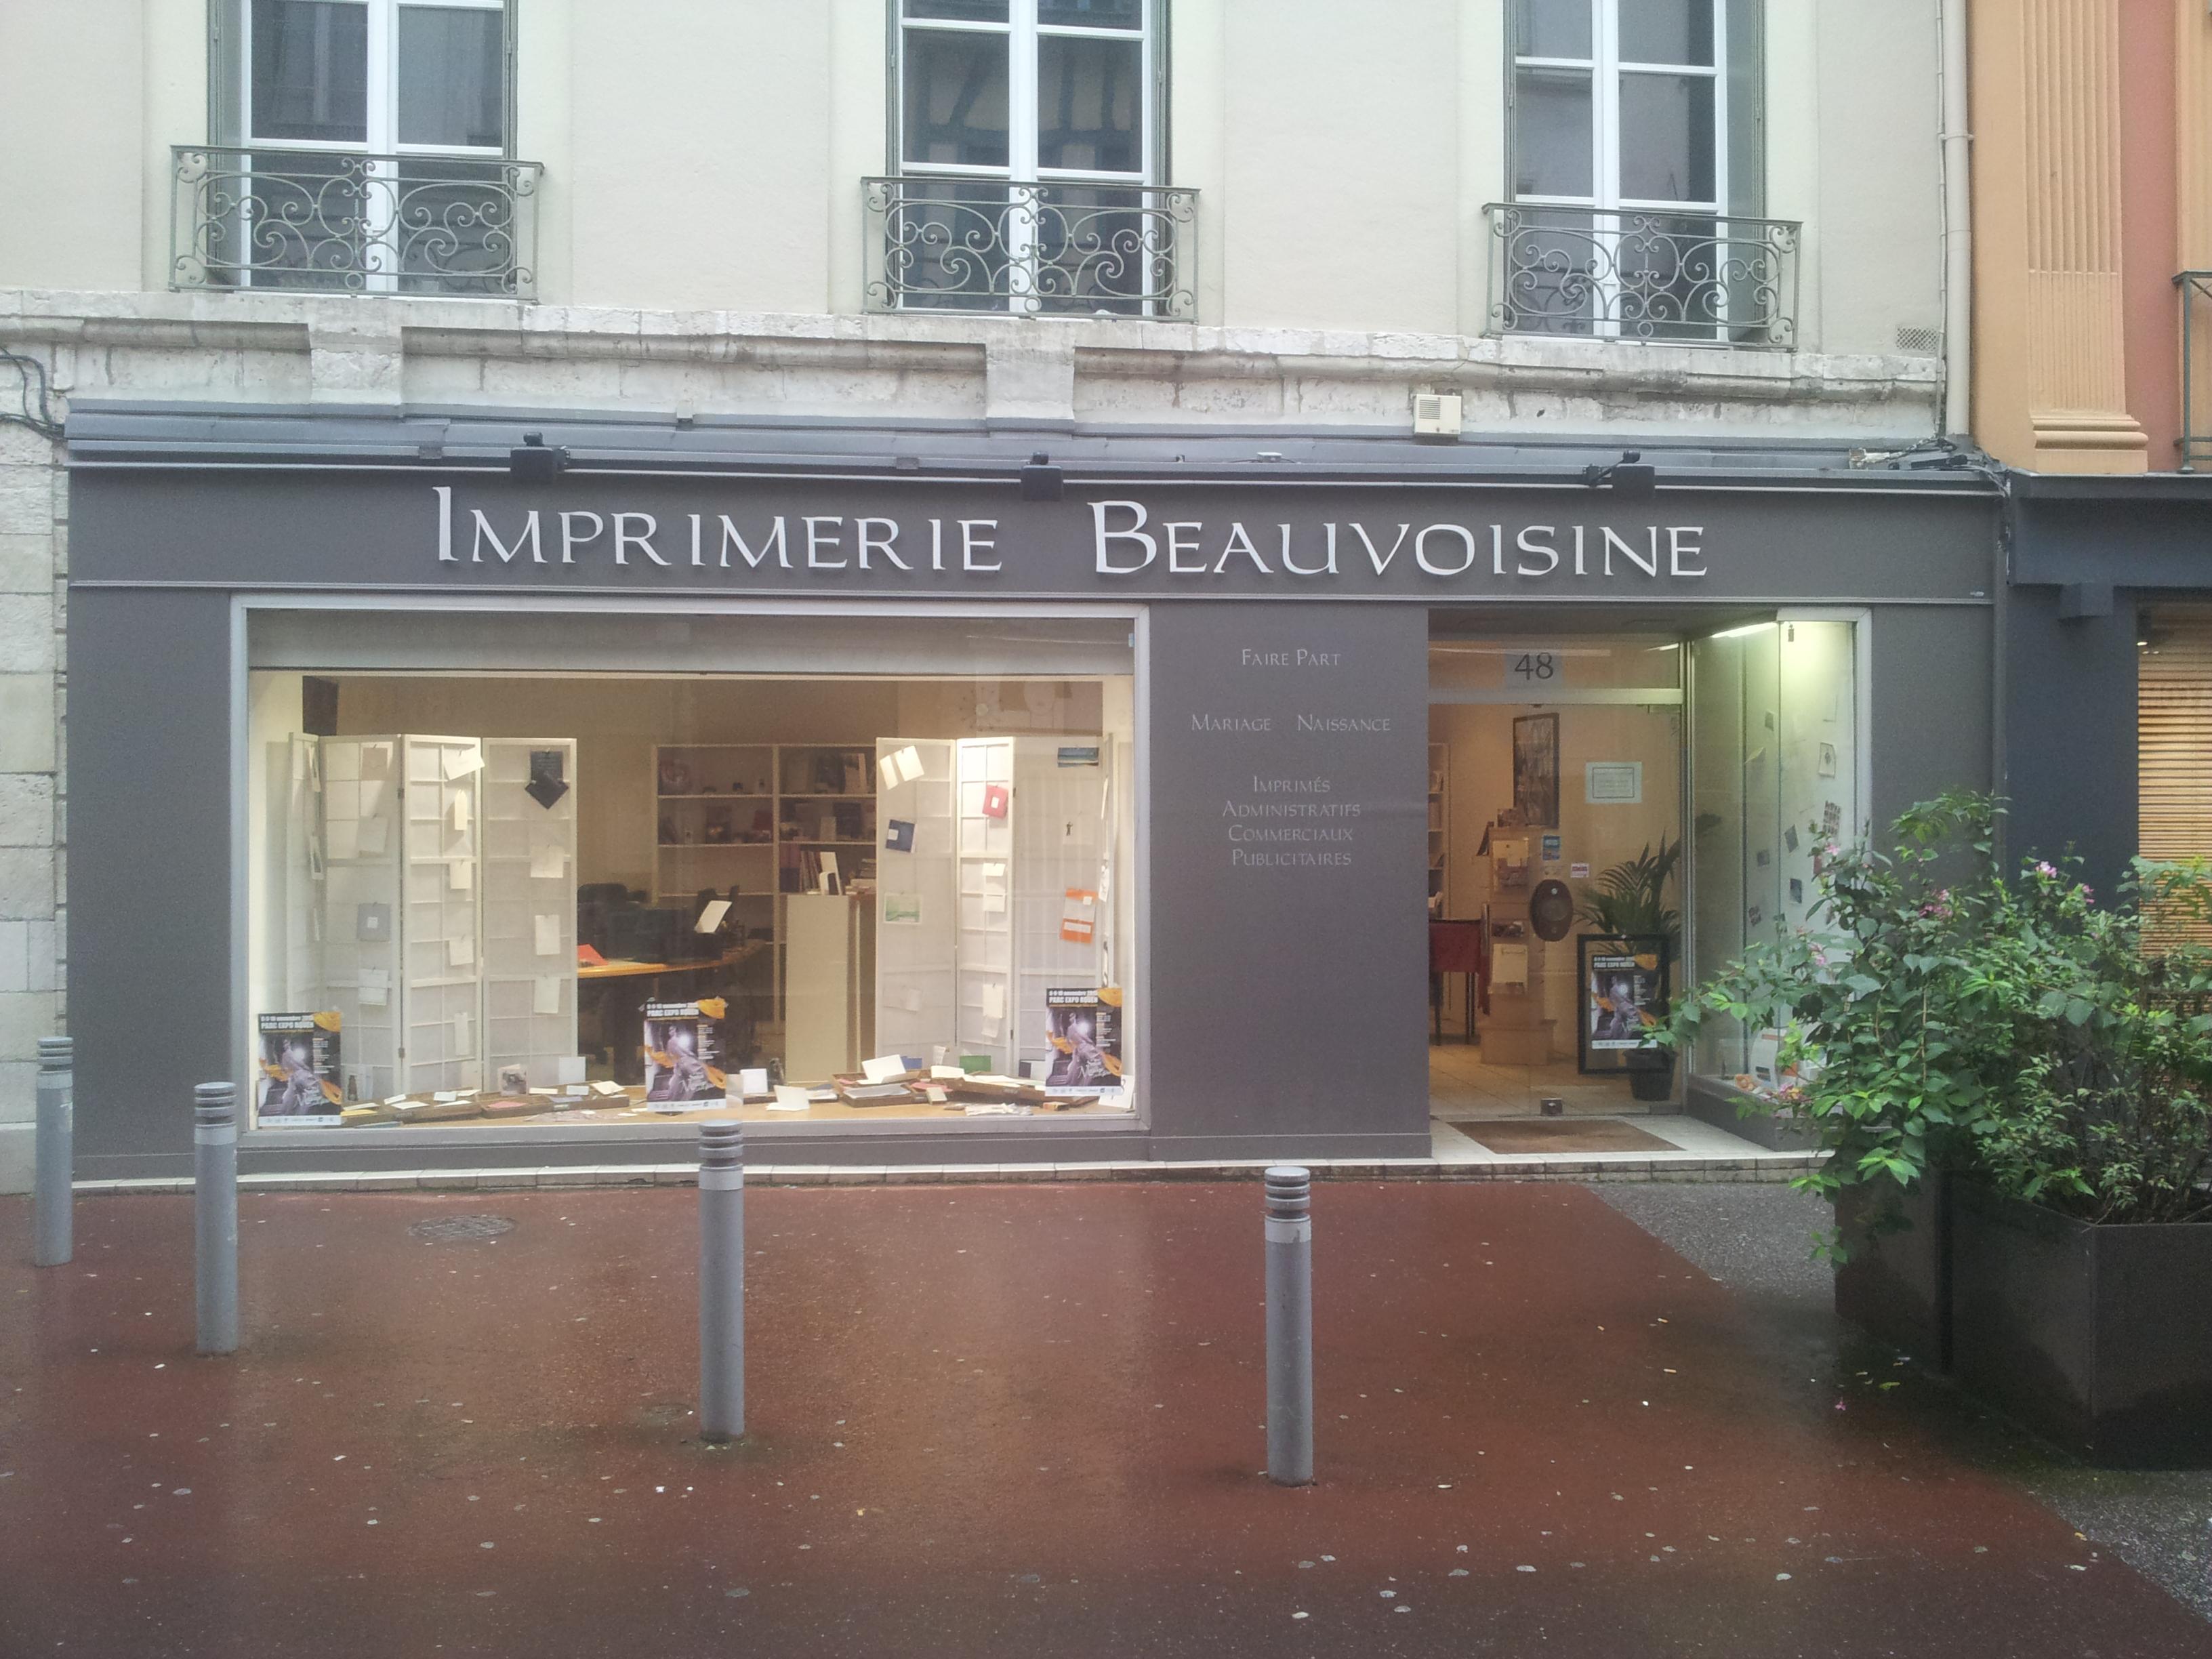 Imprimerie beauvoisine services aux entreprises for Plans d imprimerie